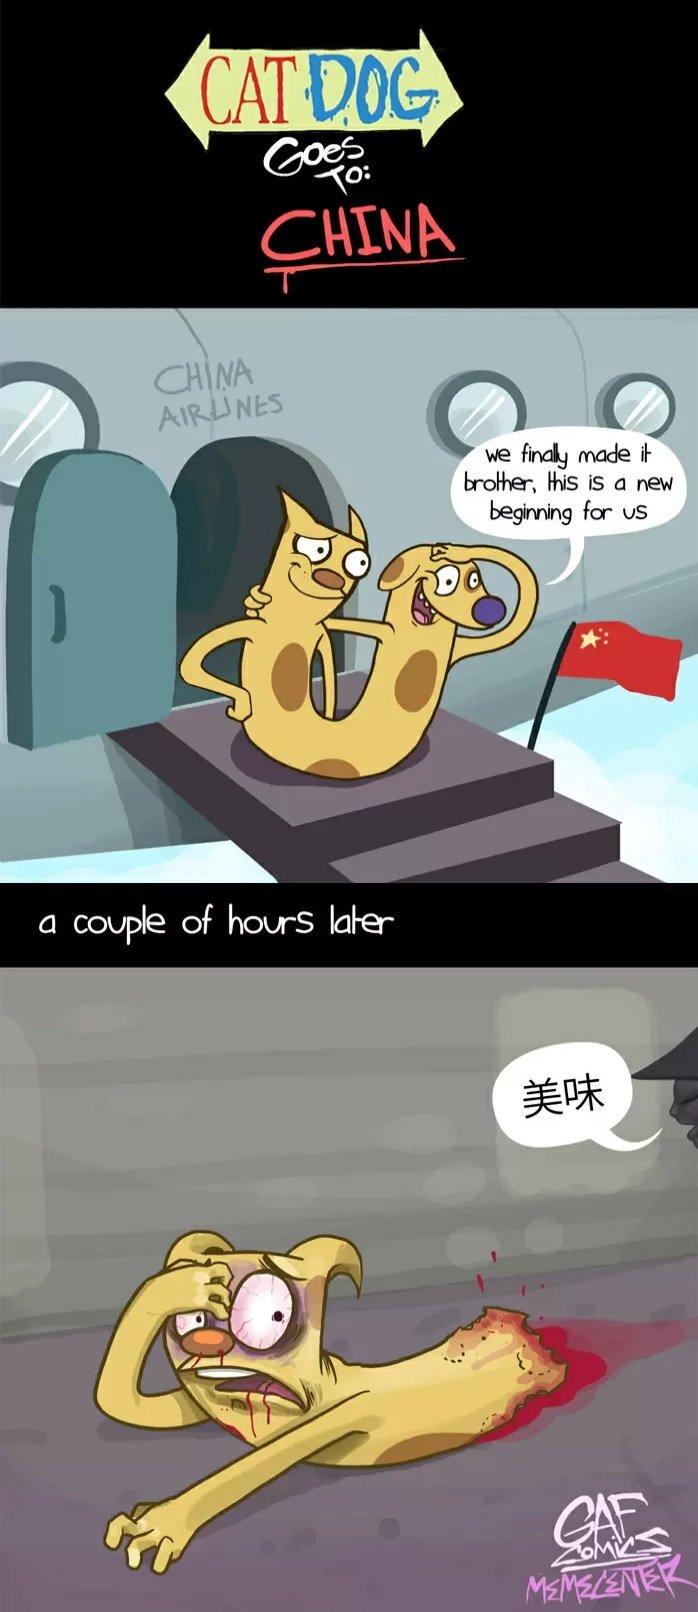 CatDog in China. All rights belong to Gafcomics.. Later.... catdog china